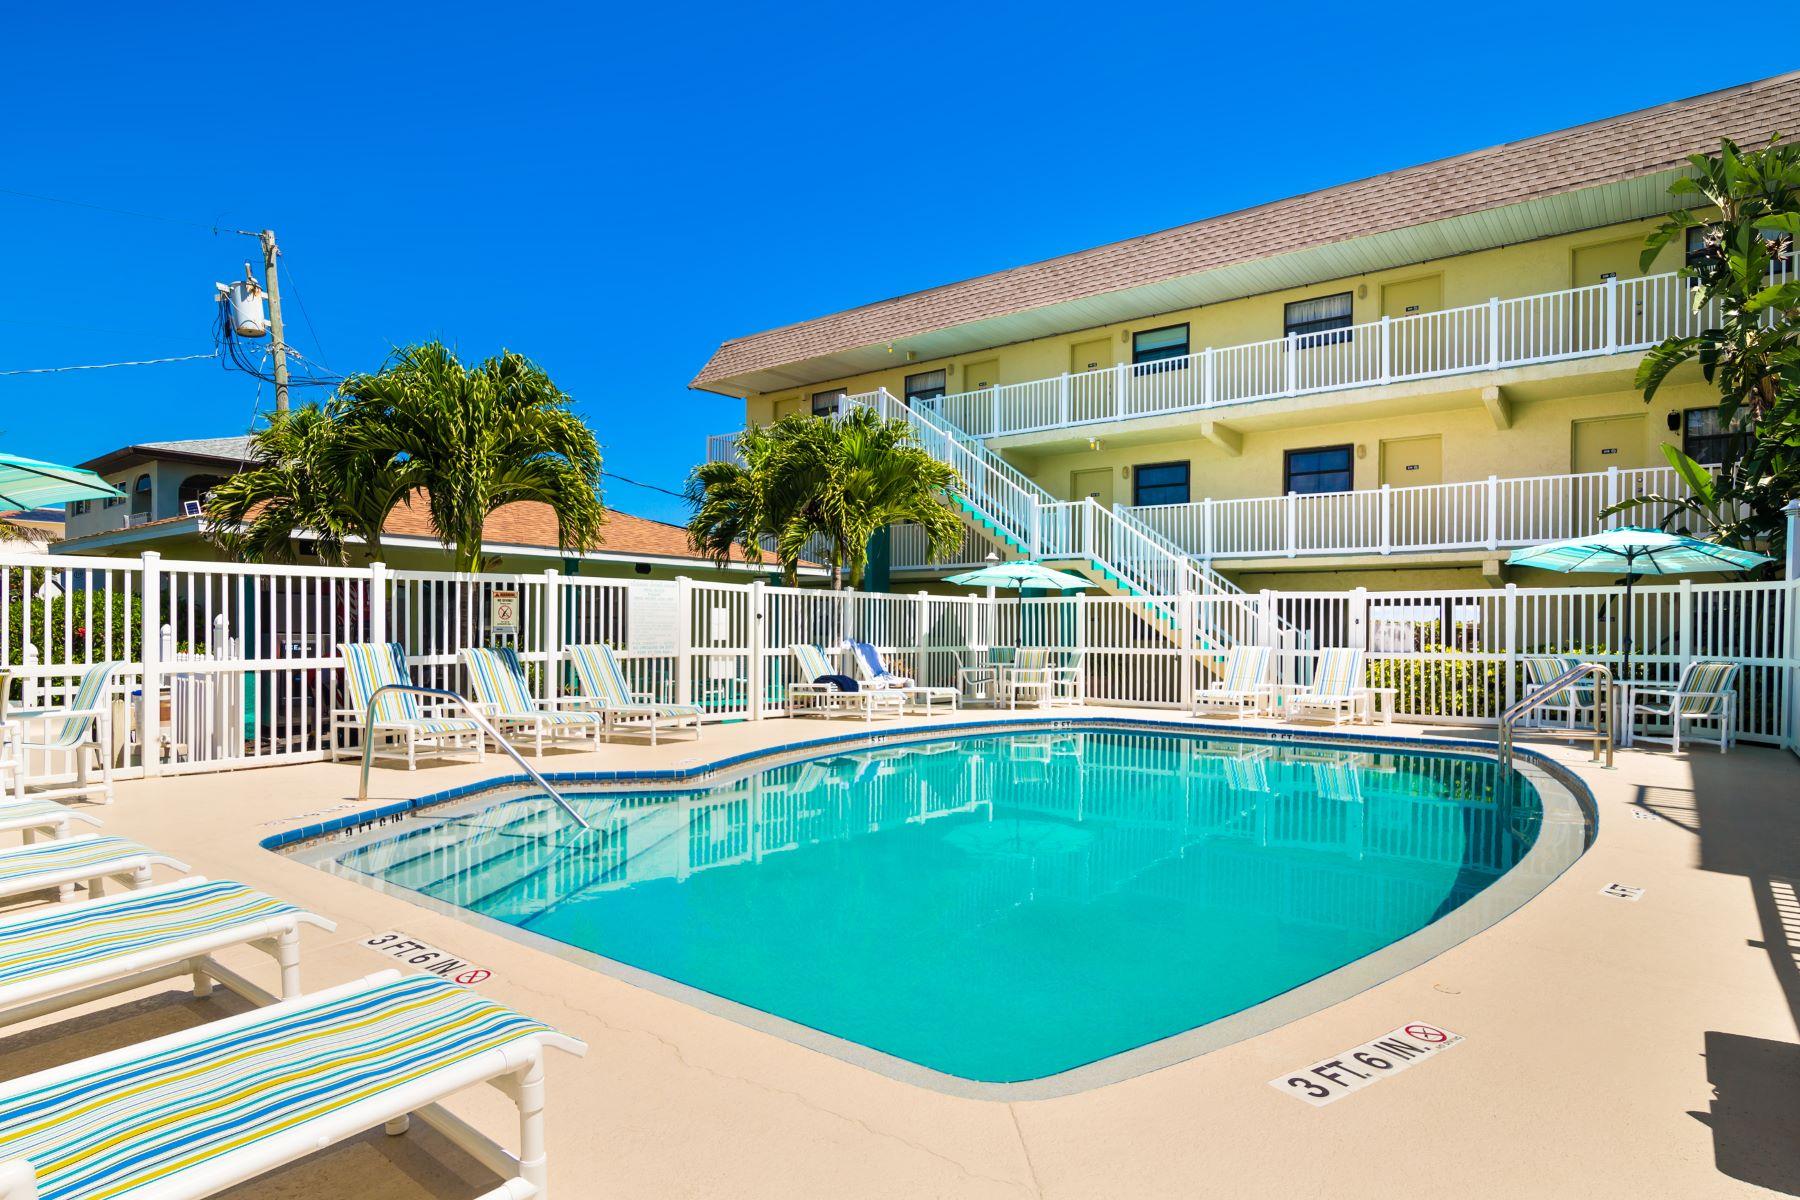 Tuckaway Shores 1441 S. Miramar Avenue #328 Indialantic, Florida 32903 Estados Unidos